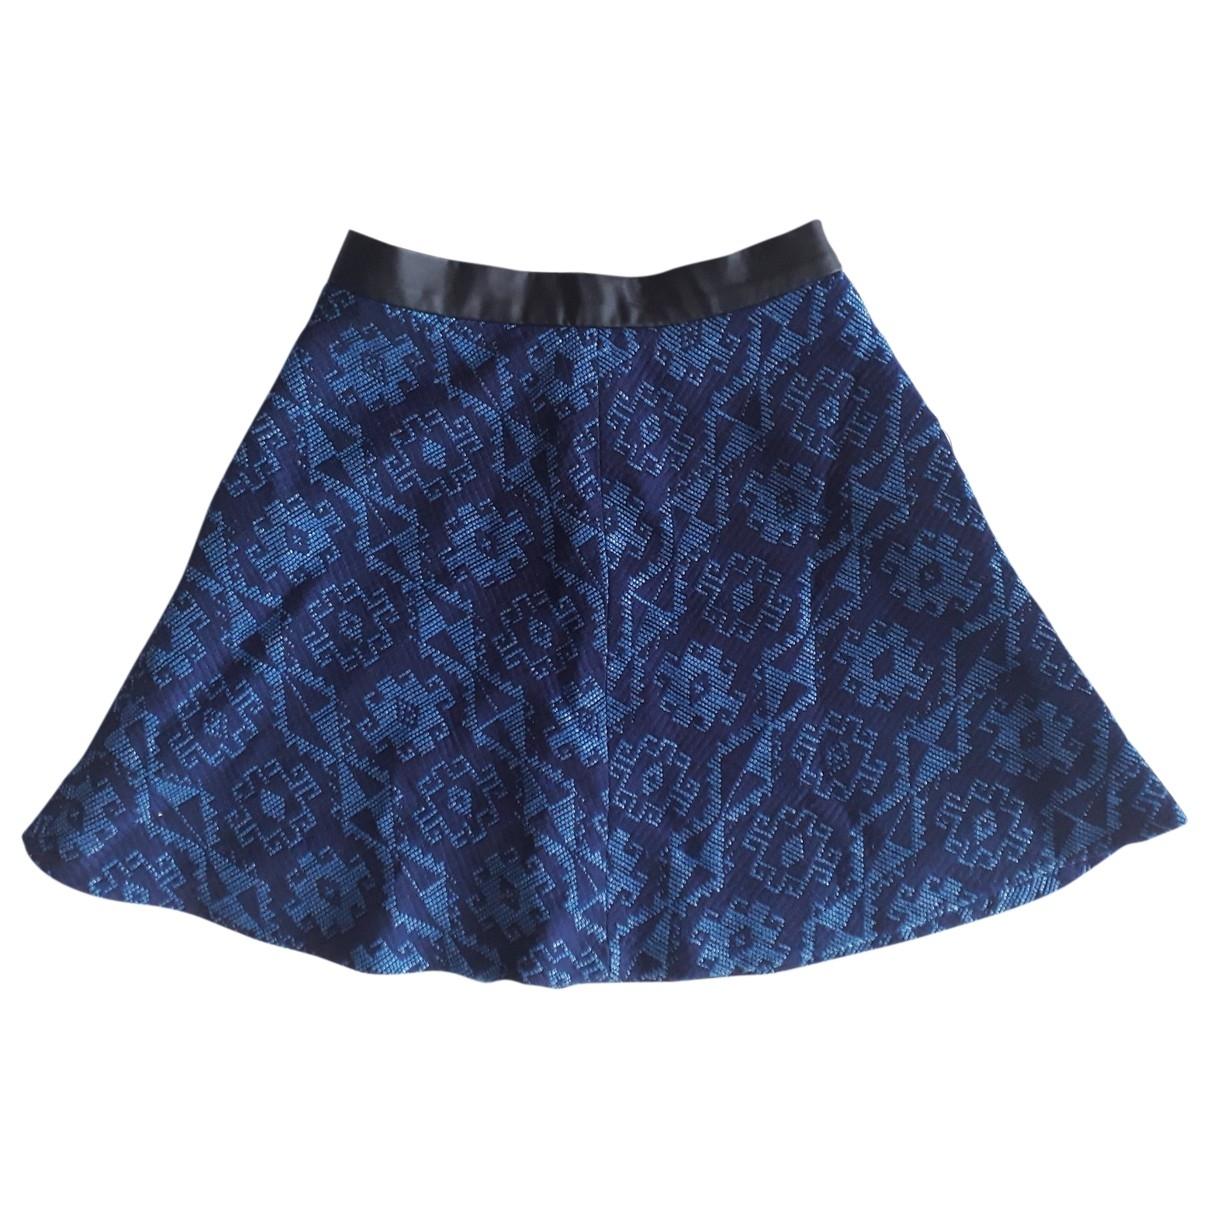 Zara \N Blue skirt for Women XS International